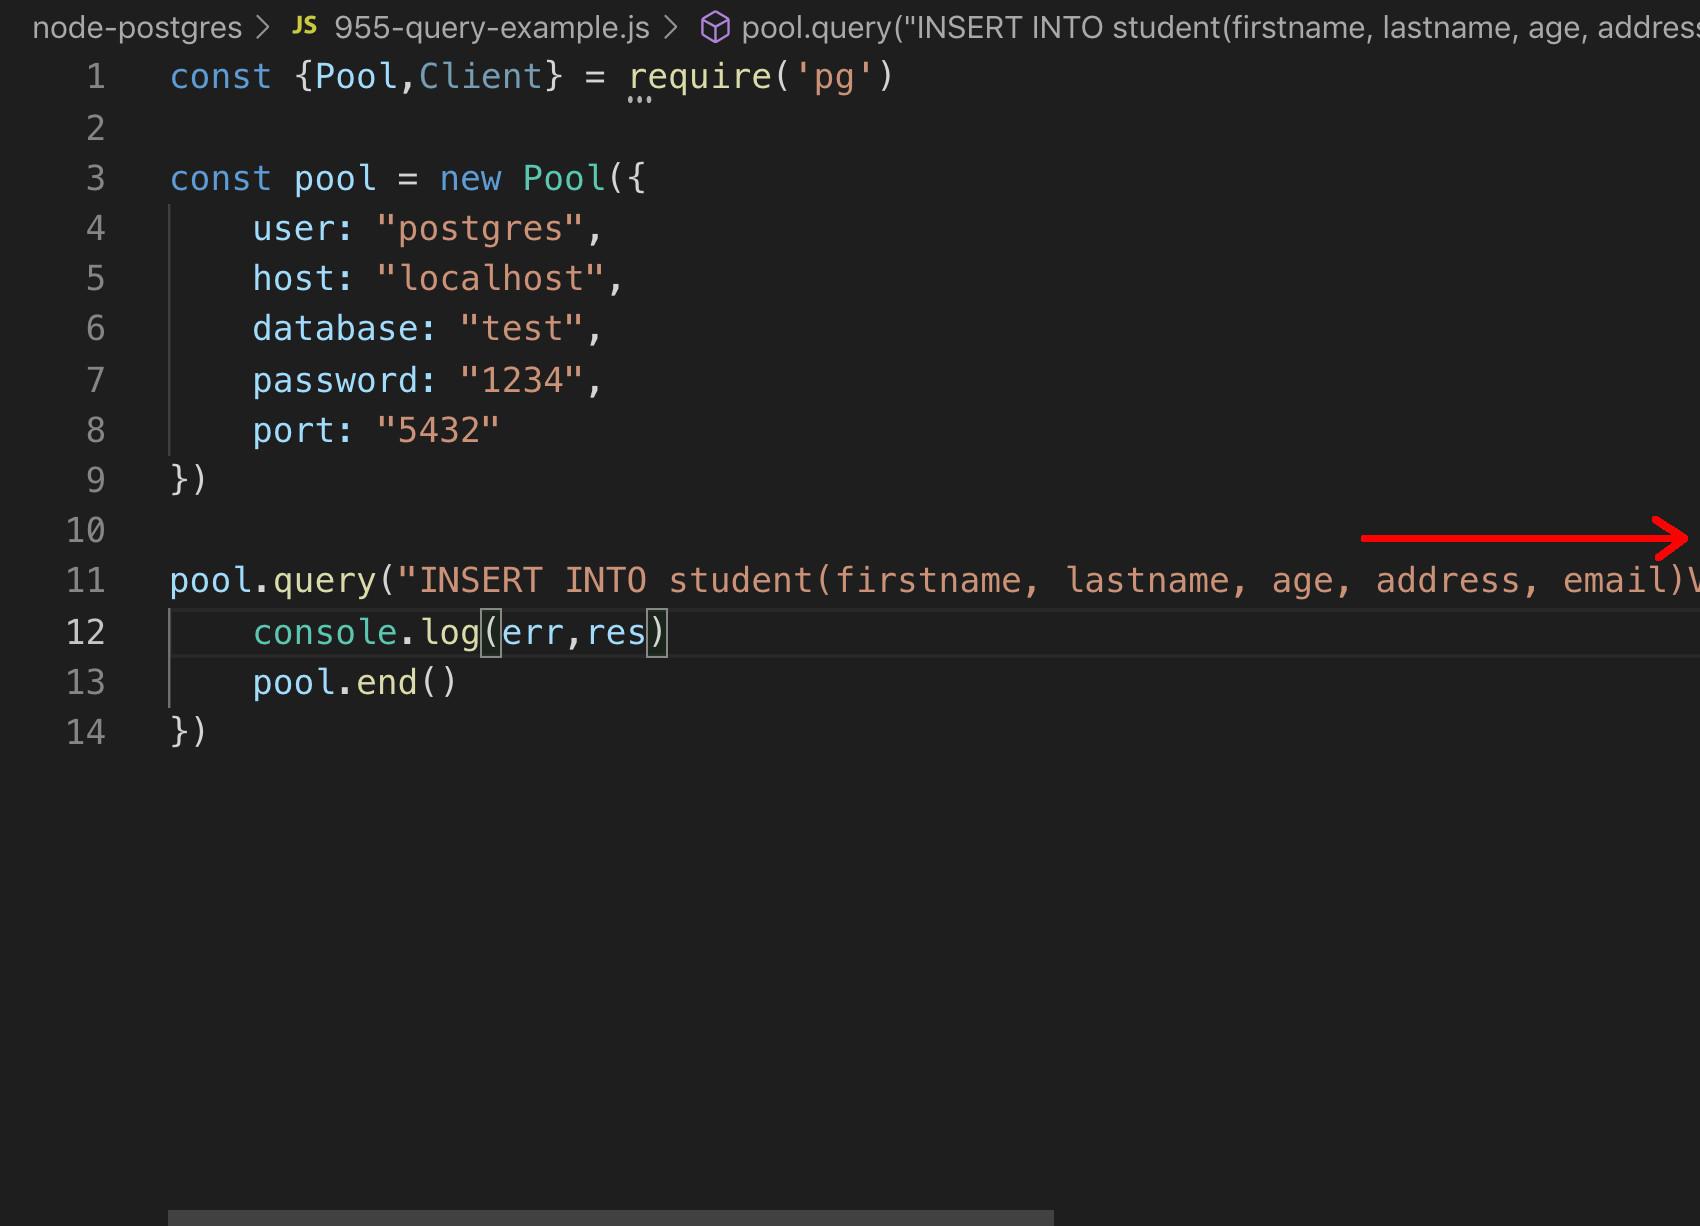 Screenshot of the code for the Node Postgres app in VS Code